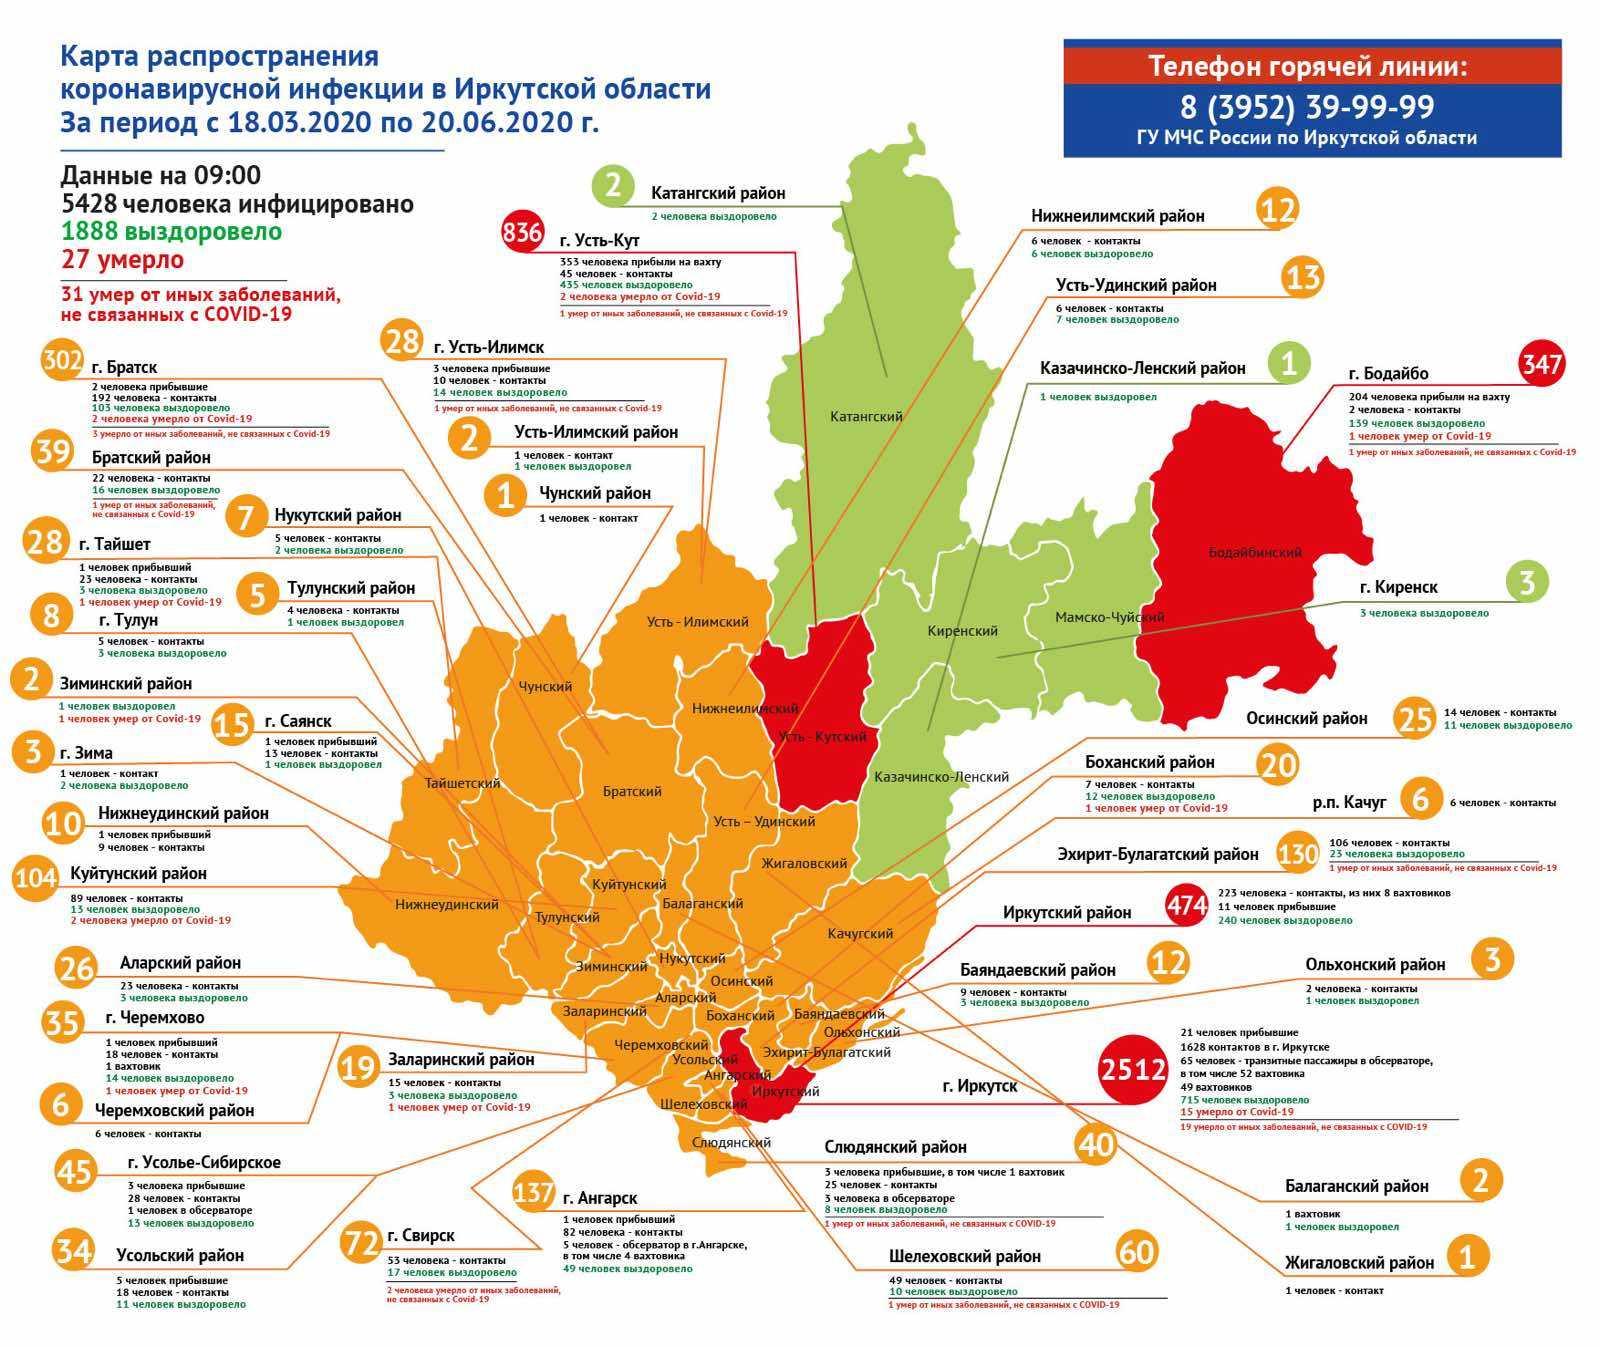 География распространения COVID-19 по области 20 июня 2020 года